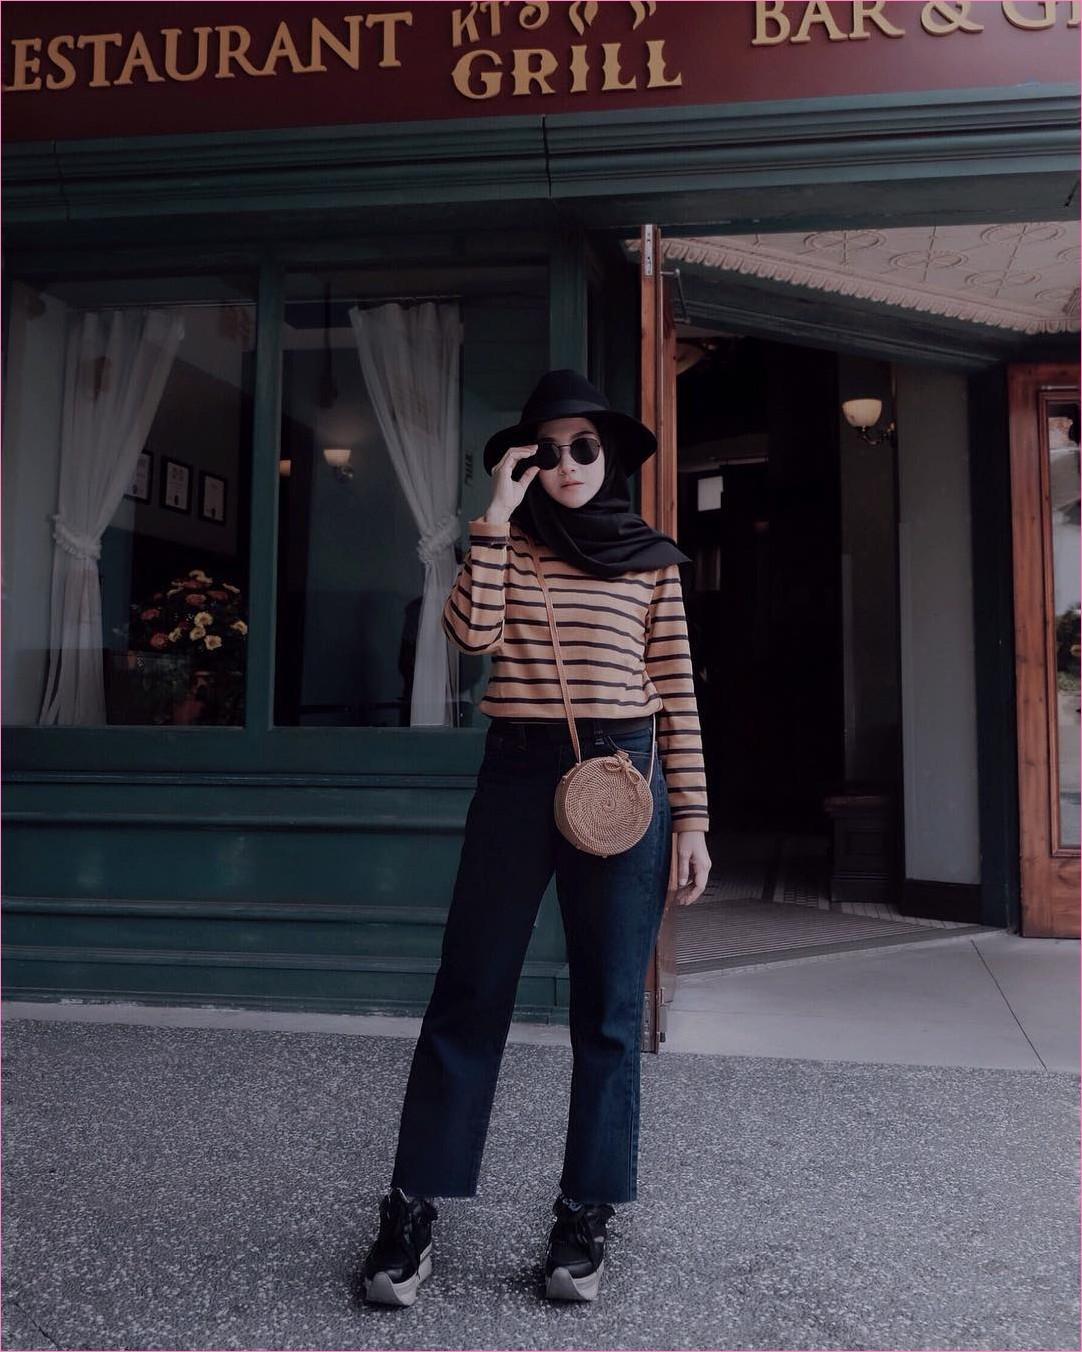 Outfit Untuk Remaja Berhijab Yang Mempunyai Tubuh Pendek Tapi Mau Kelihatan Tinggi t-shirt stipe coklat muda dan tua cullotes jeans denim slingbags rotan hijab pashmina diamond kacamata topi sneakers kets hitam ootd trendy 2018 outfit selebgram